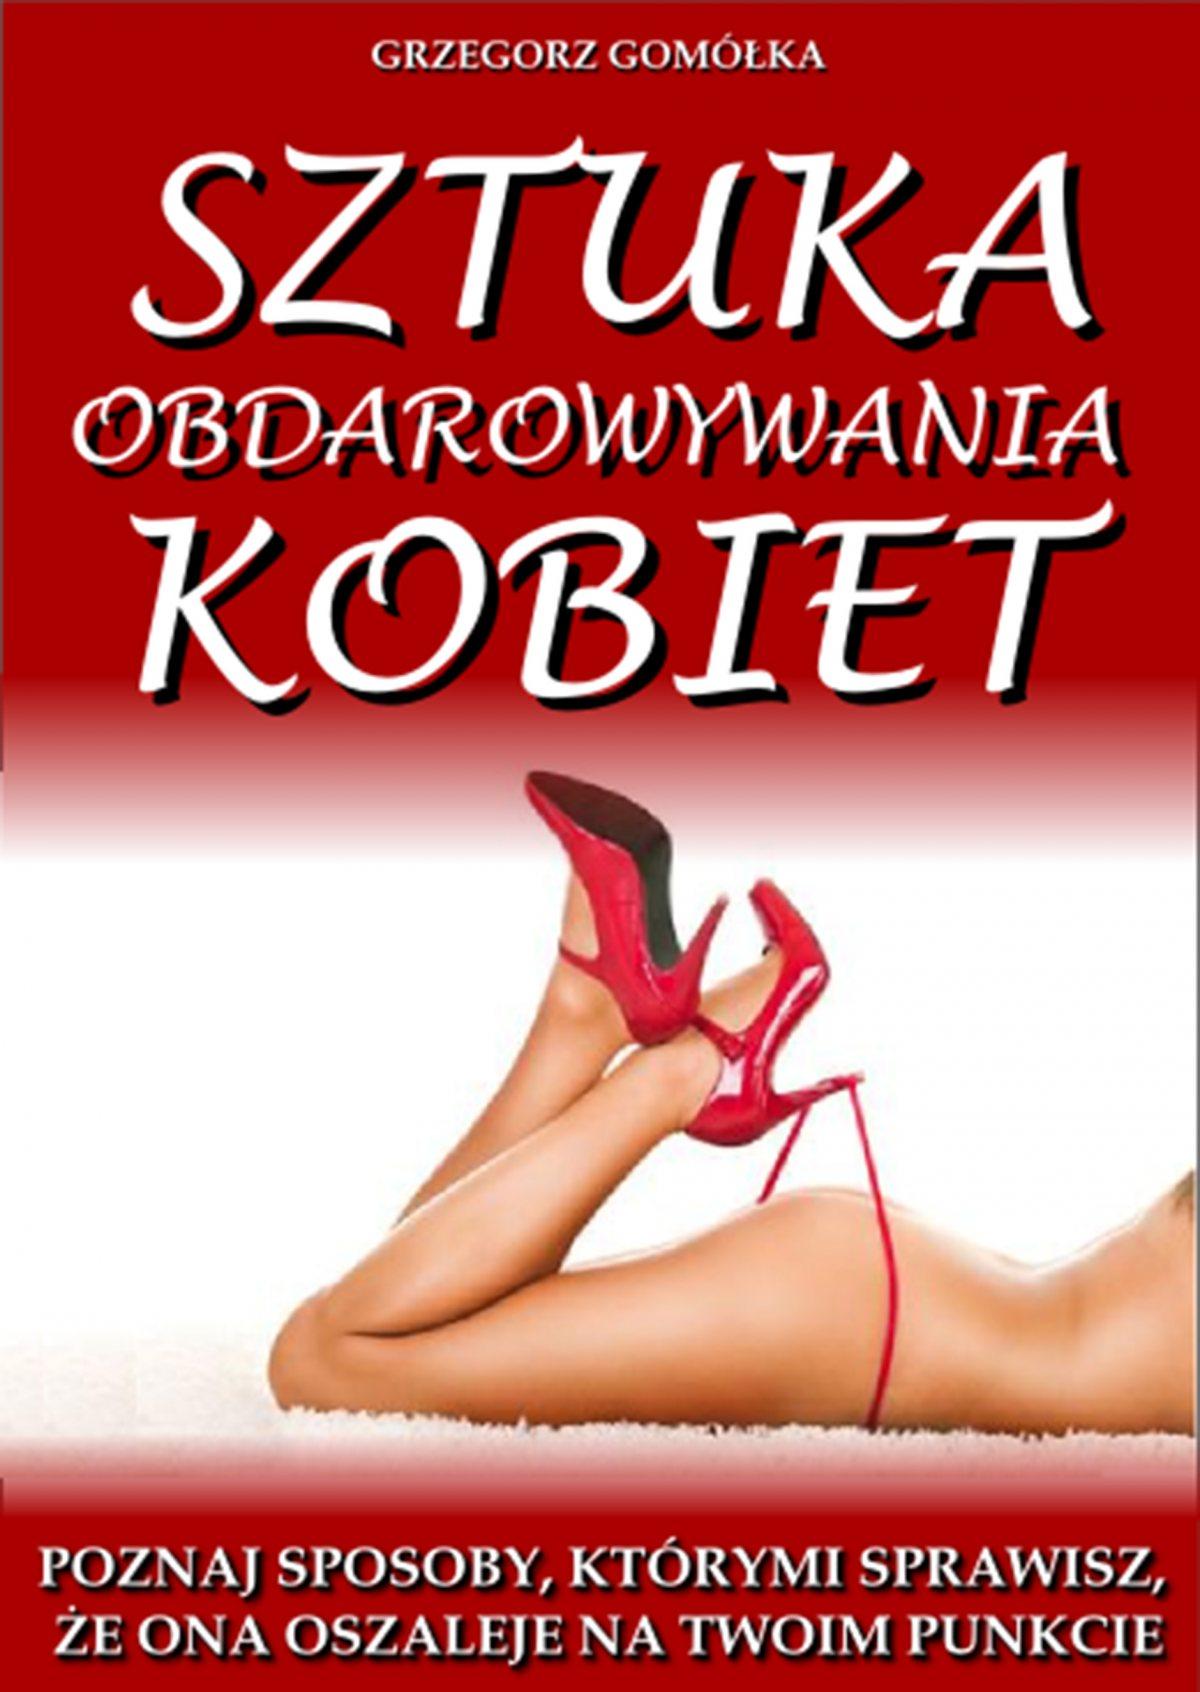 Sztuka obdarowywania kobiet - Ebook (Książka na Kindle) do pobrania w formacie MOBI